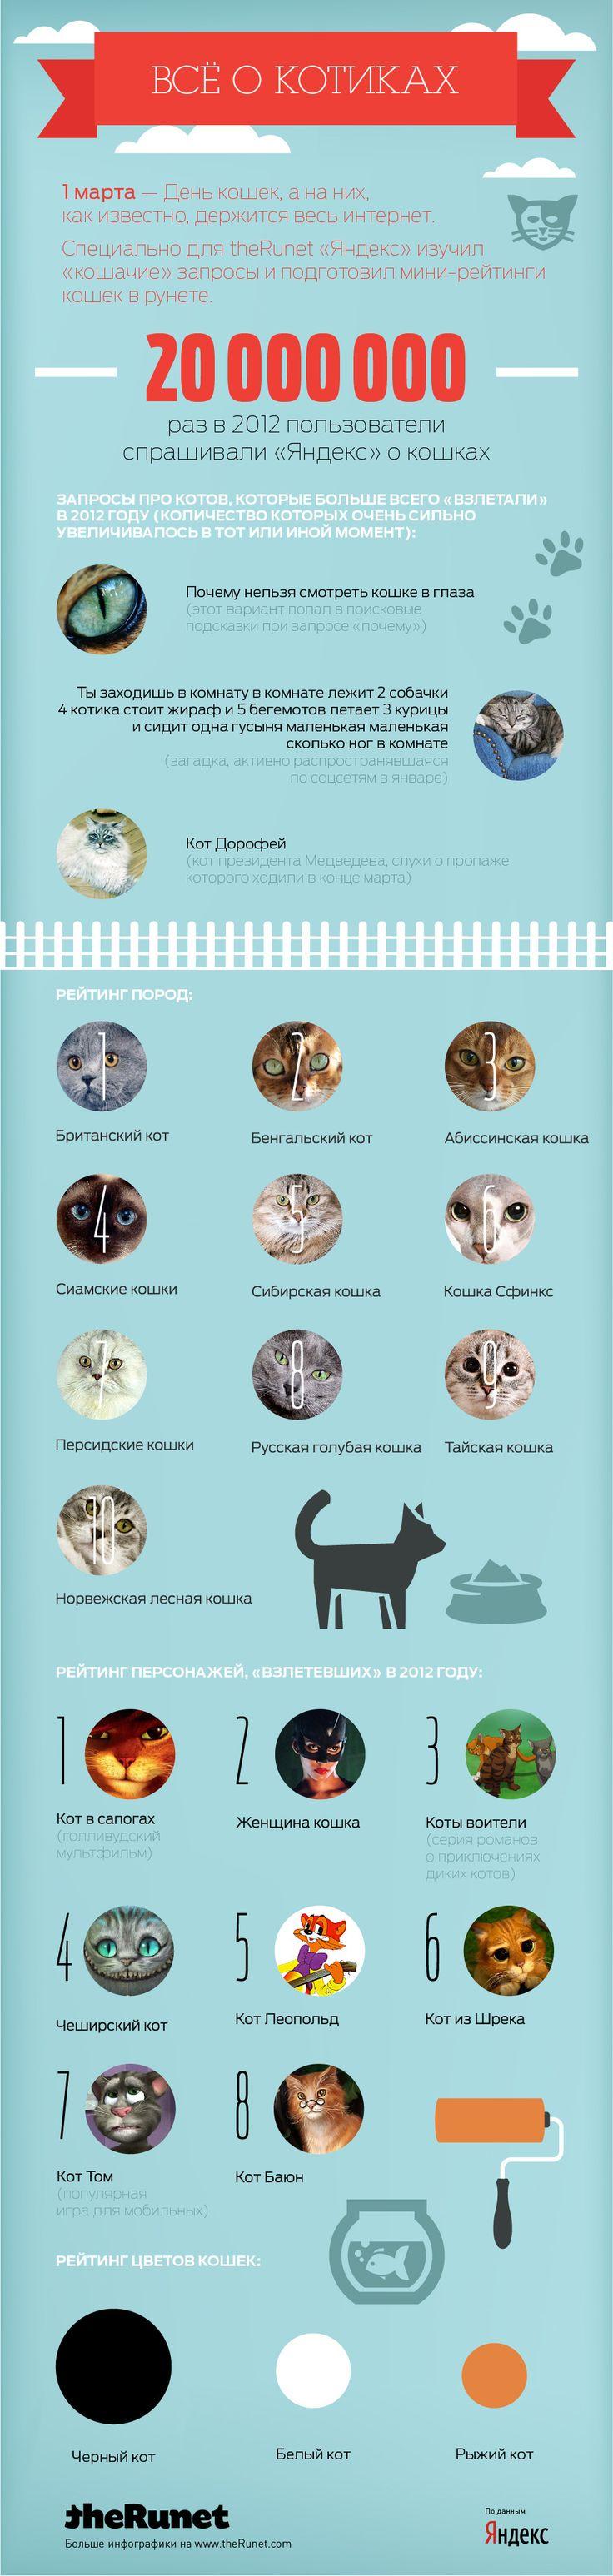 все о котиках :3